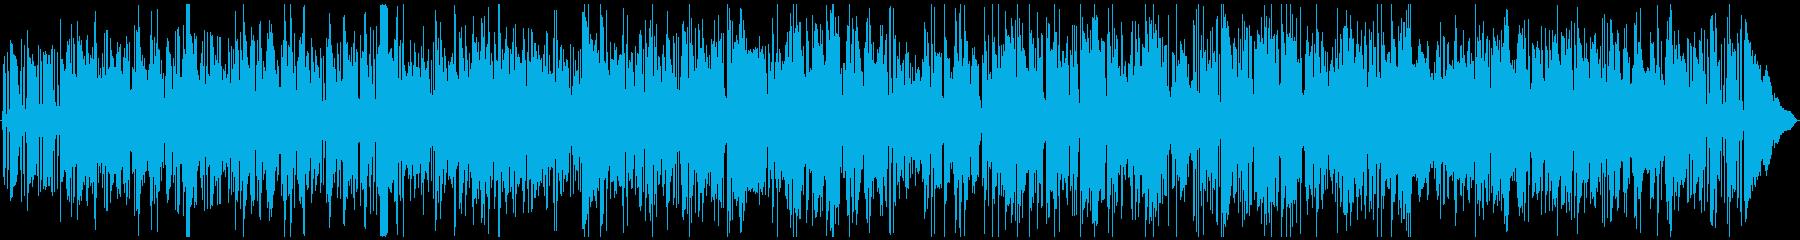 テナーサックスとギターのジャズBGMの再生済みの波形